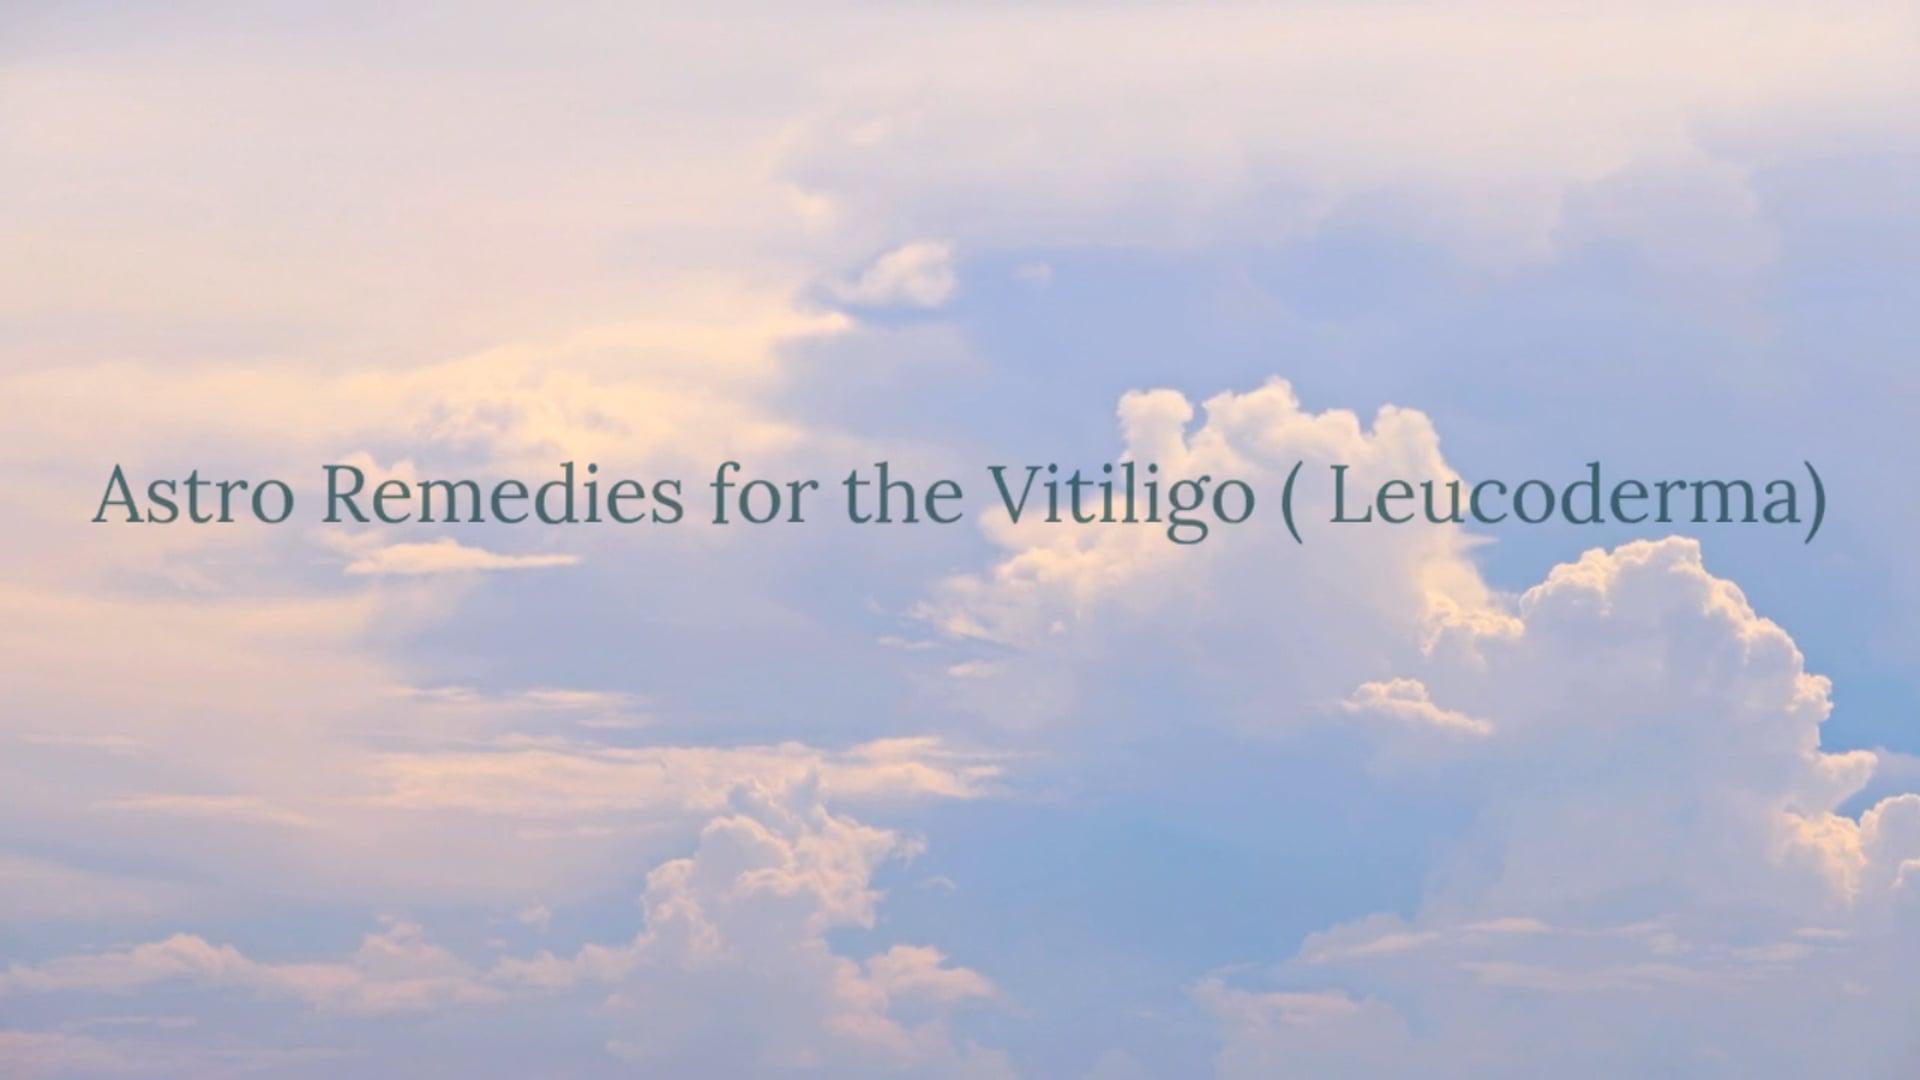 Astro Remedies for the Vitiligo